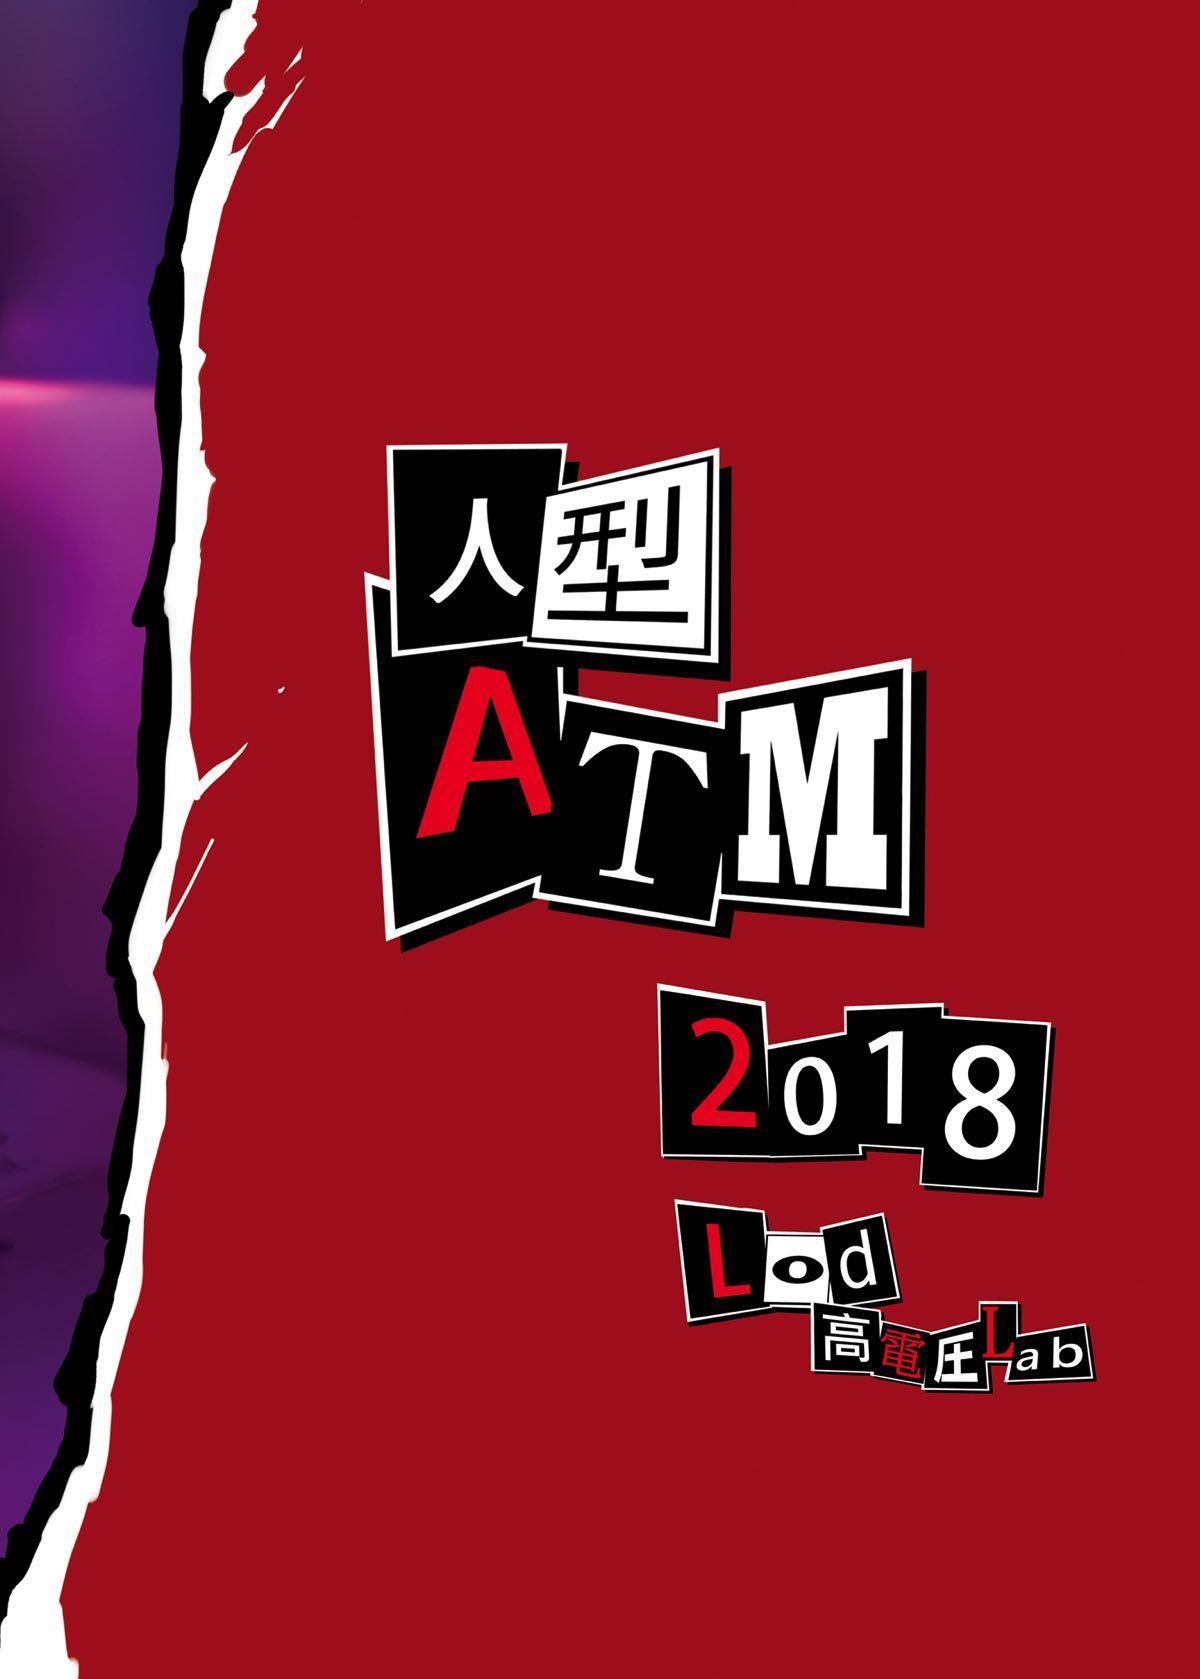 Hitogata ATM 21